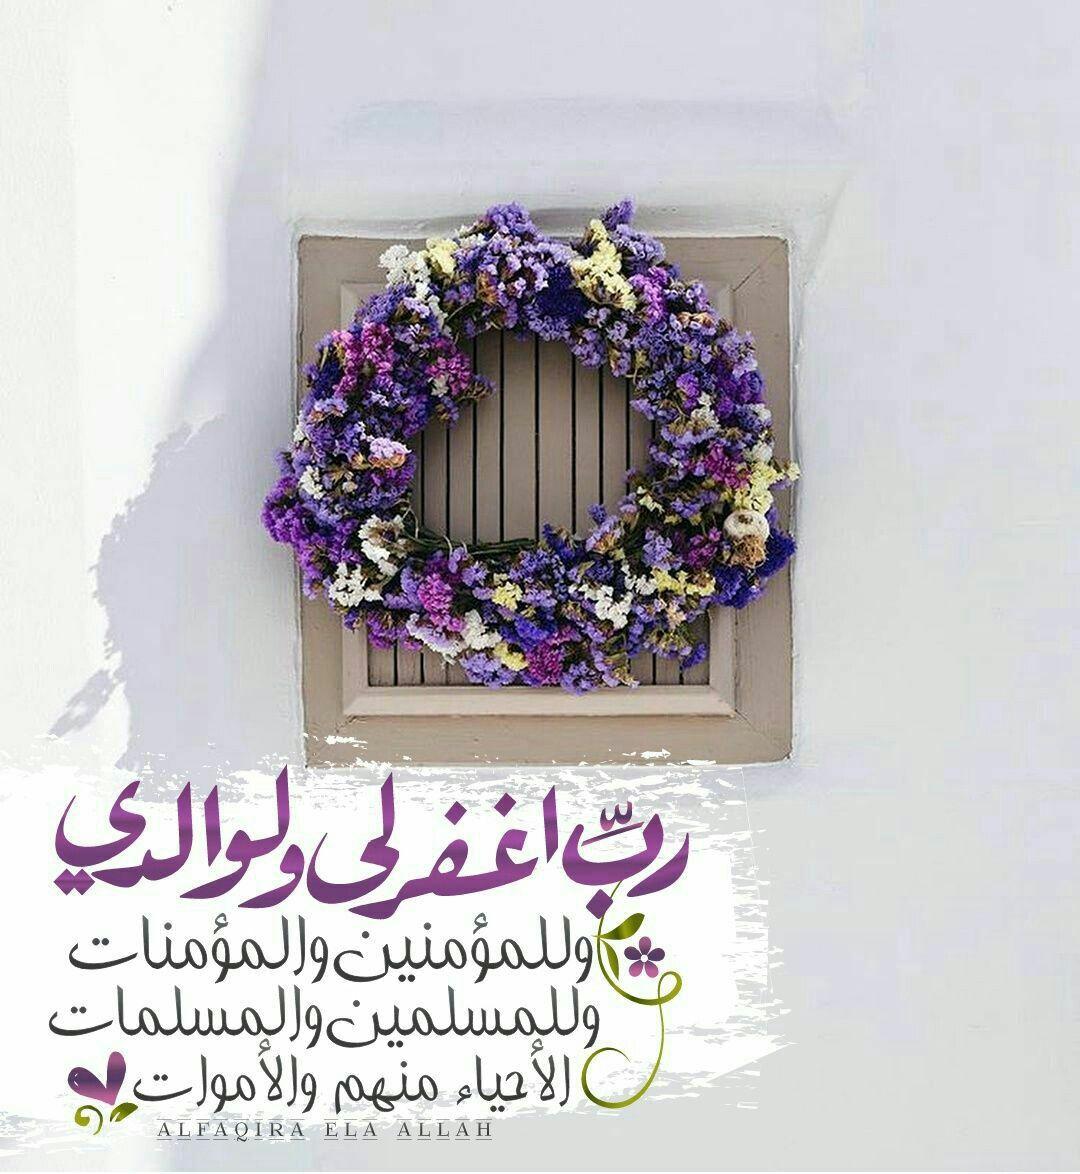 رب أغفر لي ولوالدي وللمؤمنين يوم يقوم الحساب Hanukkah Wreath Hanukkah Decor